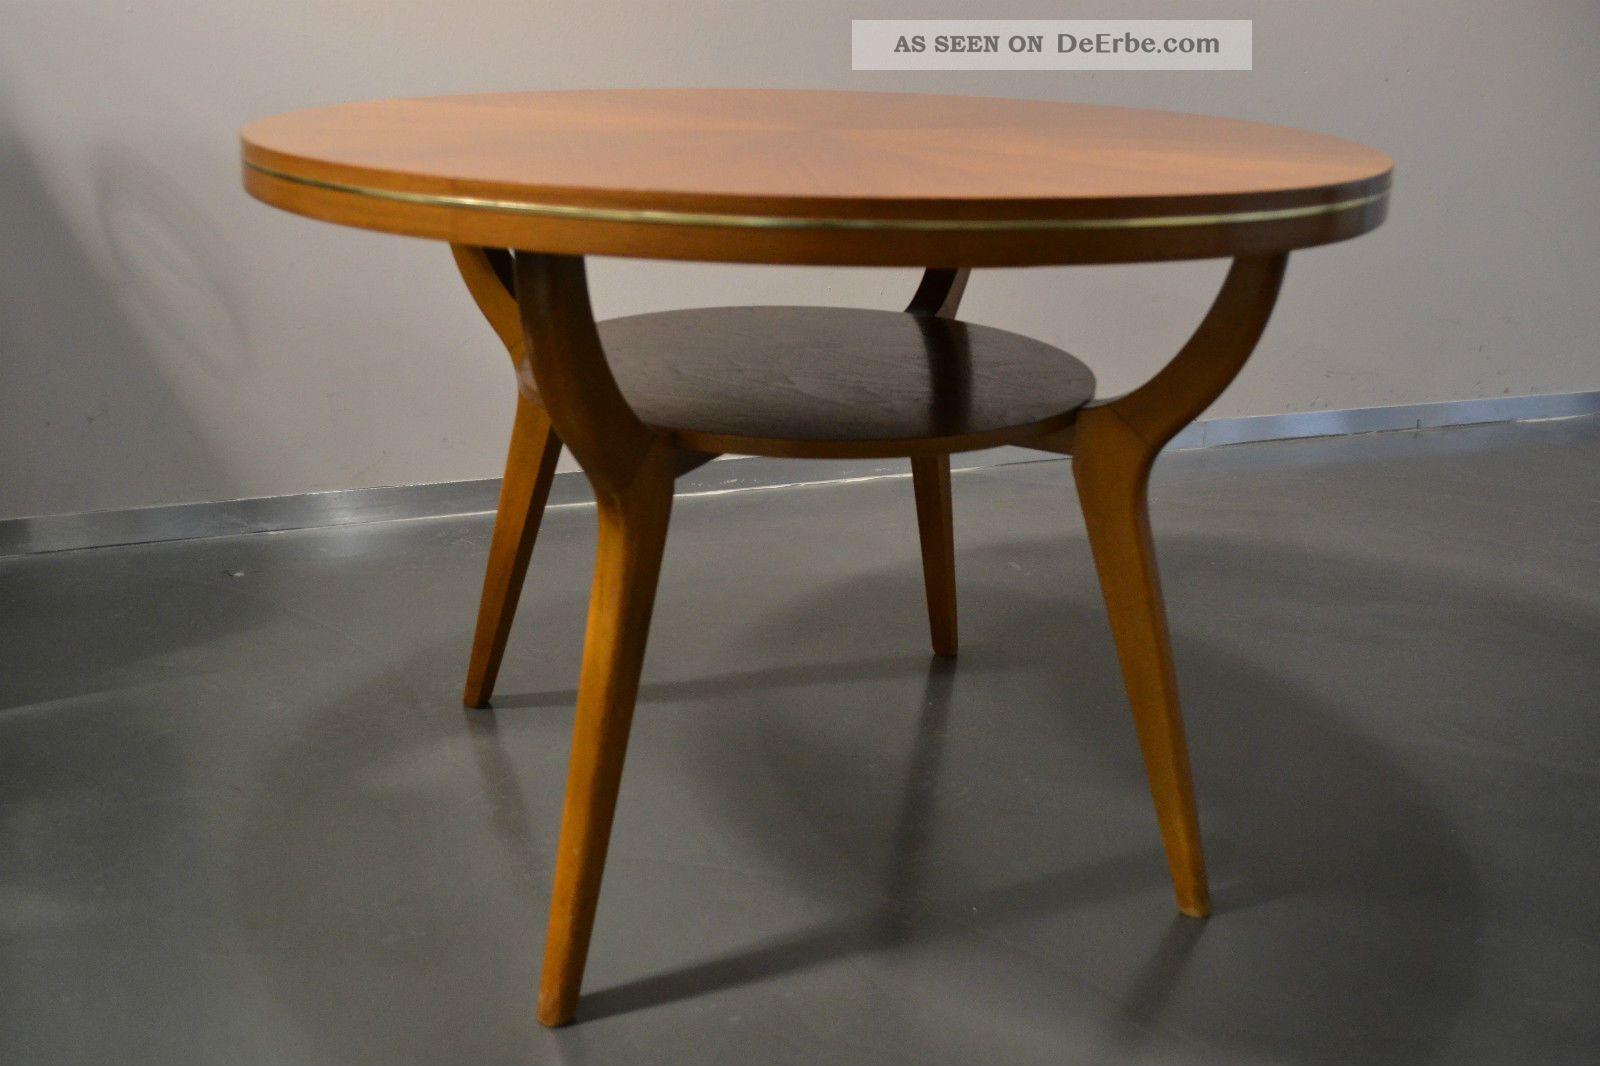 coffeetable tisch couchtisch ilse m bel 50er 60er buche buchenholz mid century. Black Bedroom Furniture Sets. Home Design Ideas